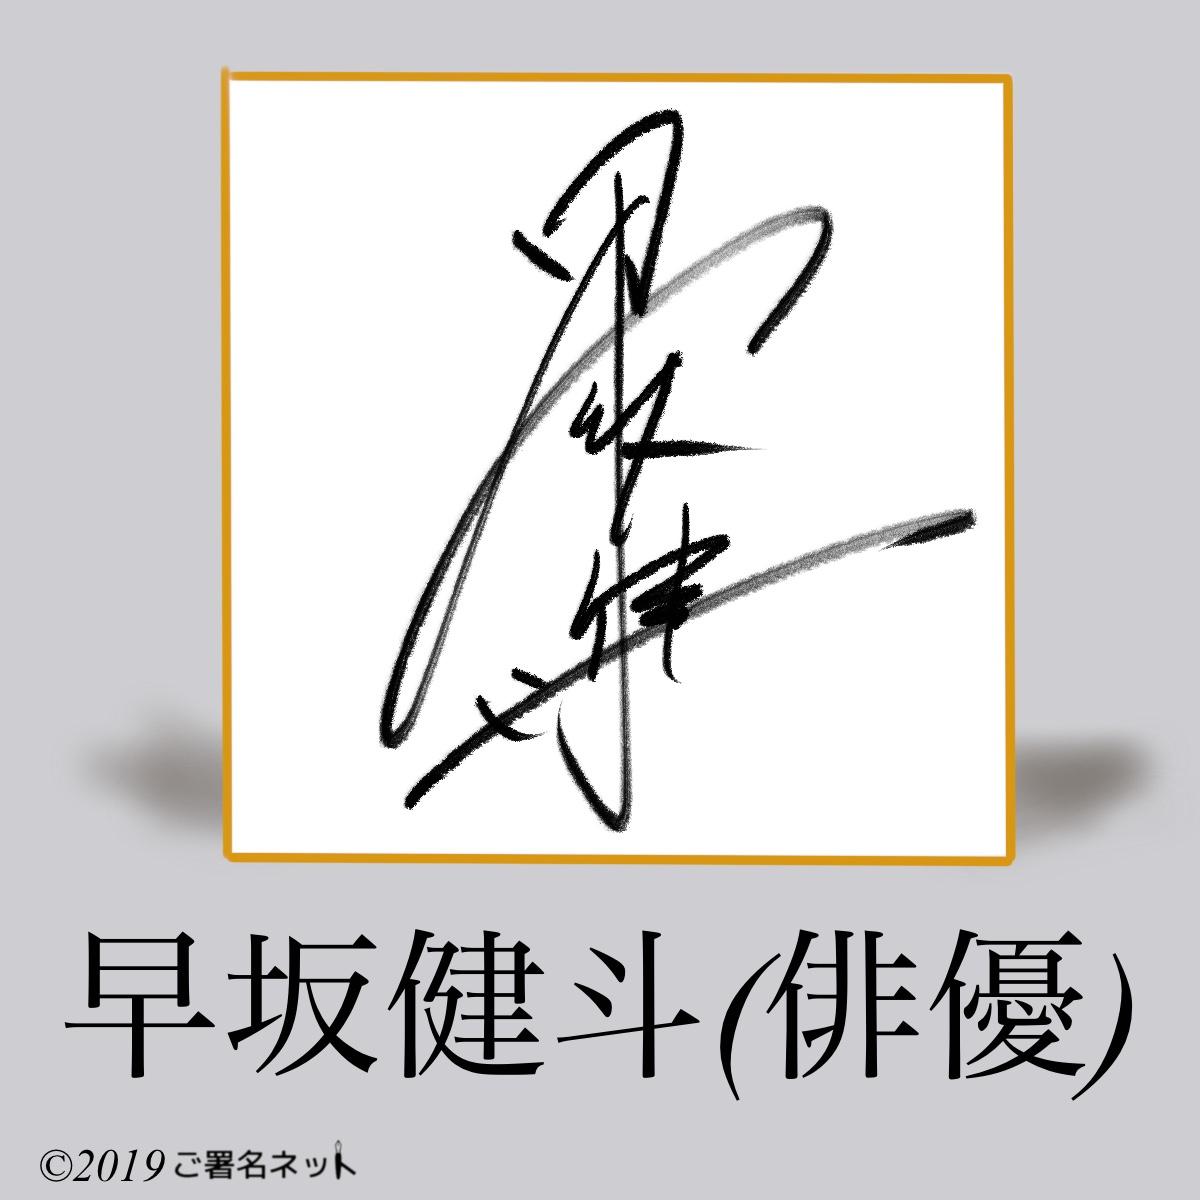 俳優のサイン